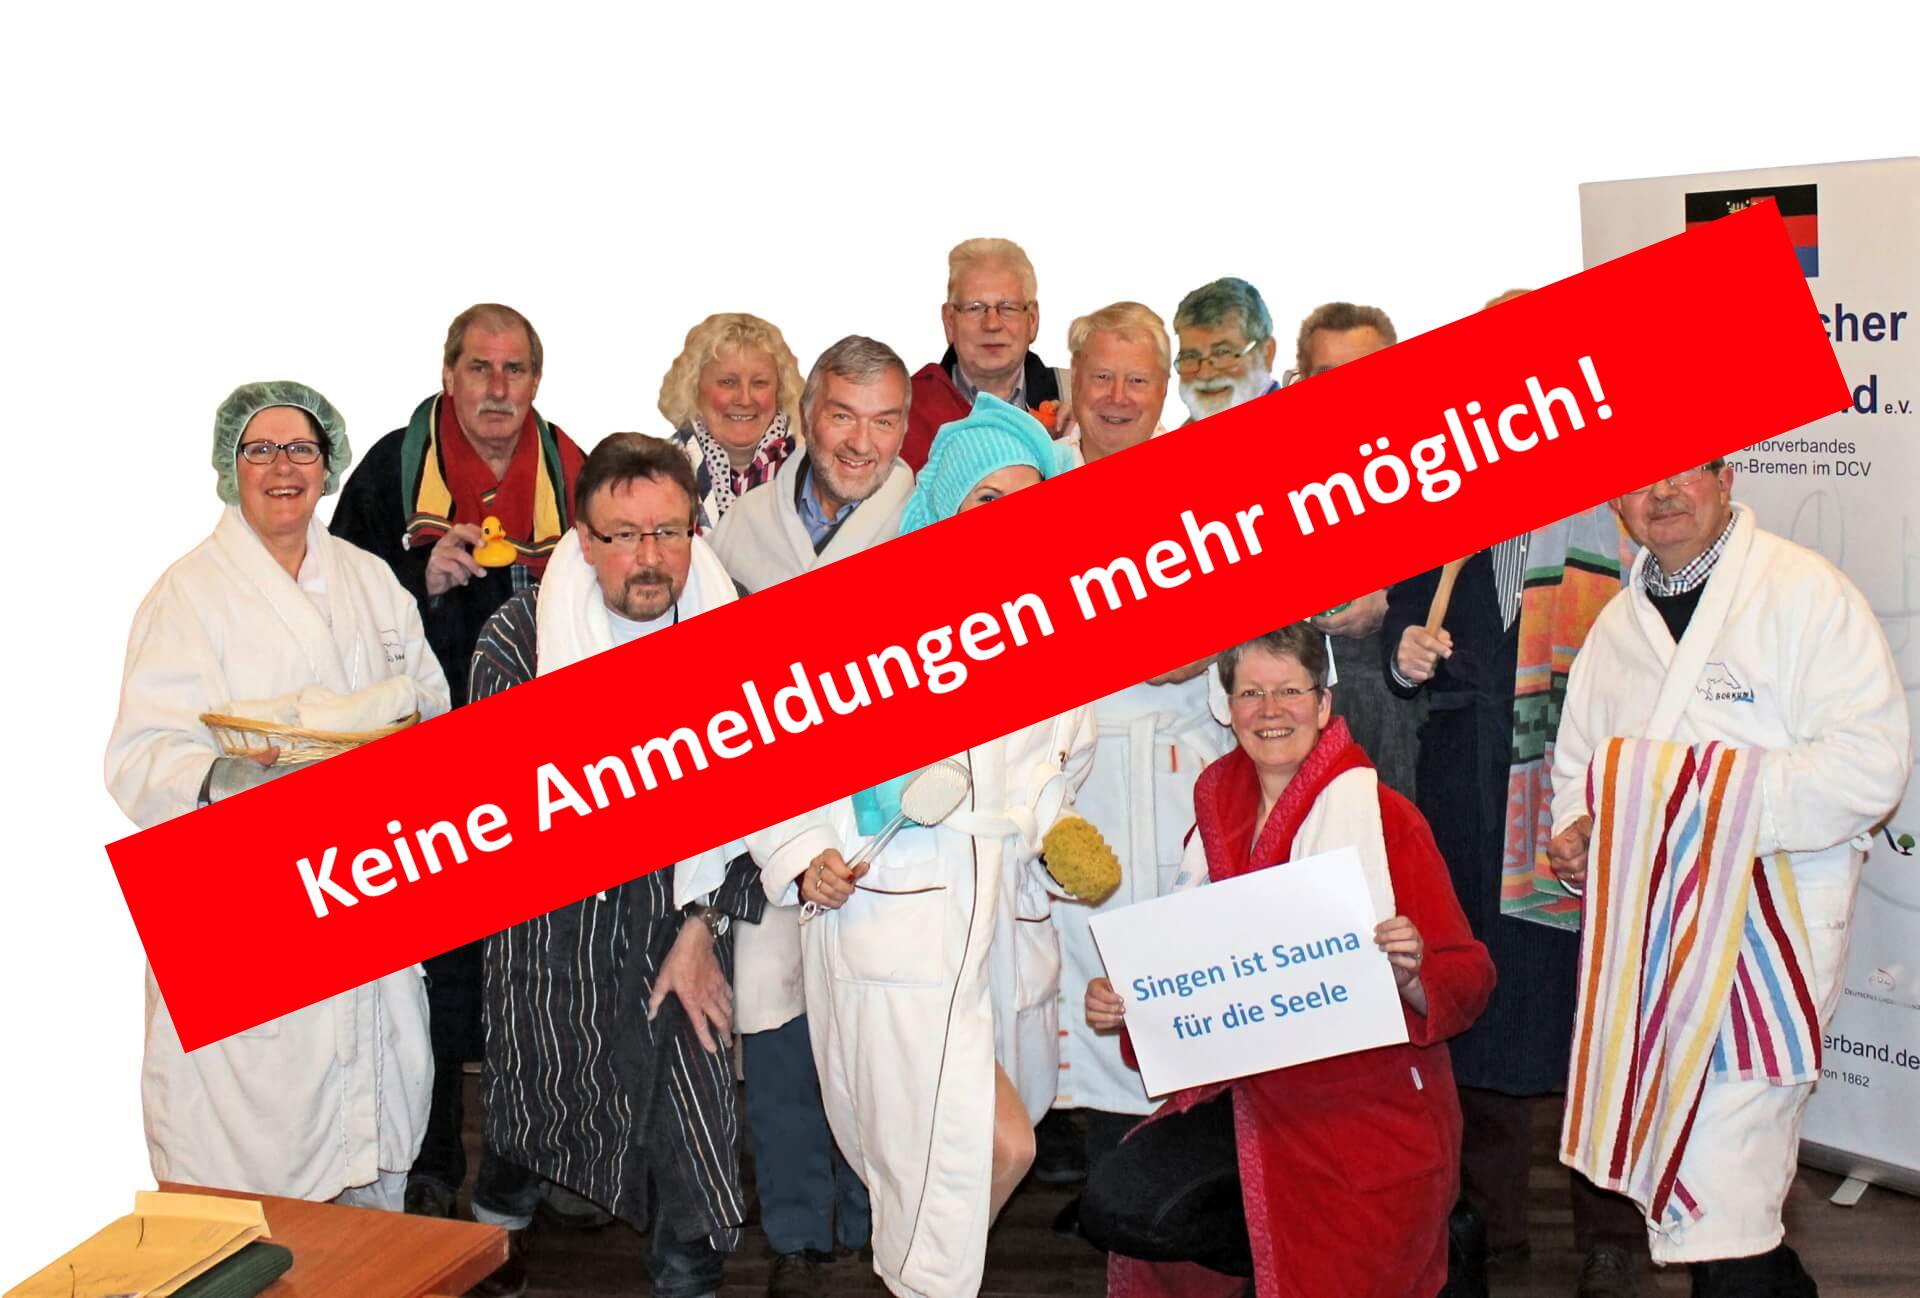 AUSGEBUCHT – Singen ist Sauna für die Seele 21.09.2019